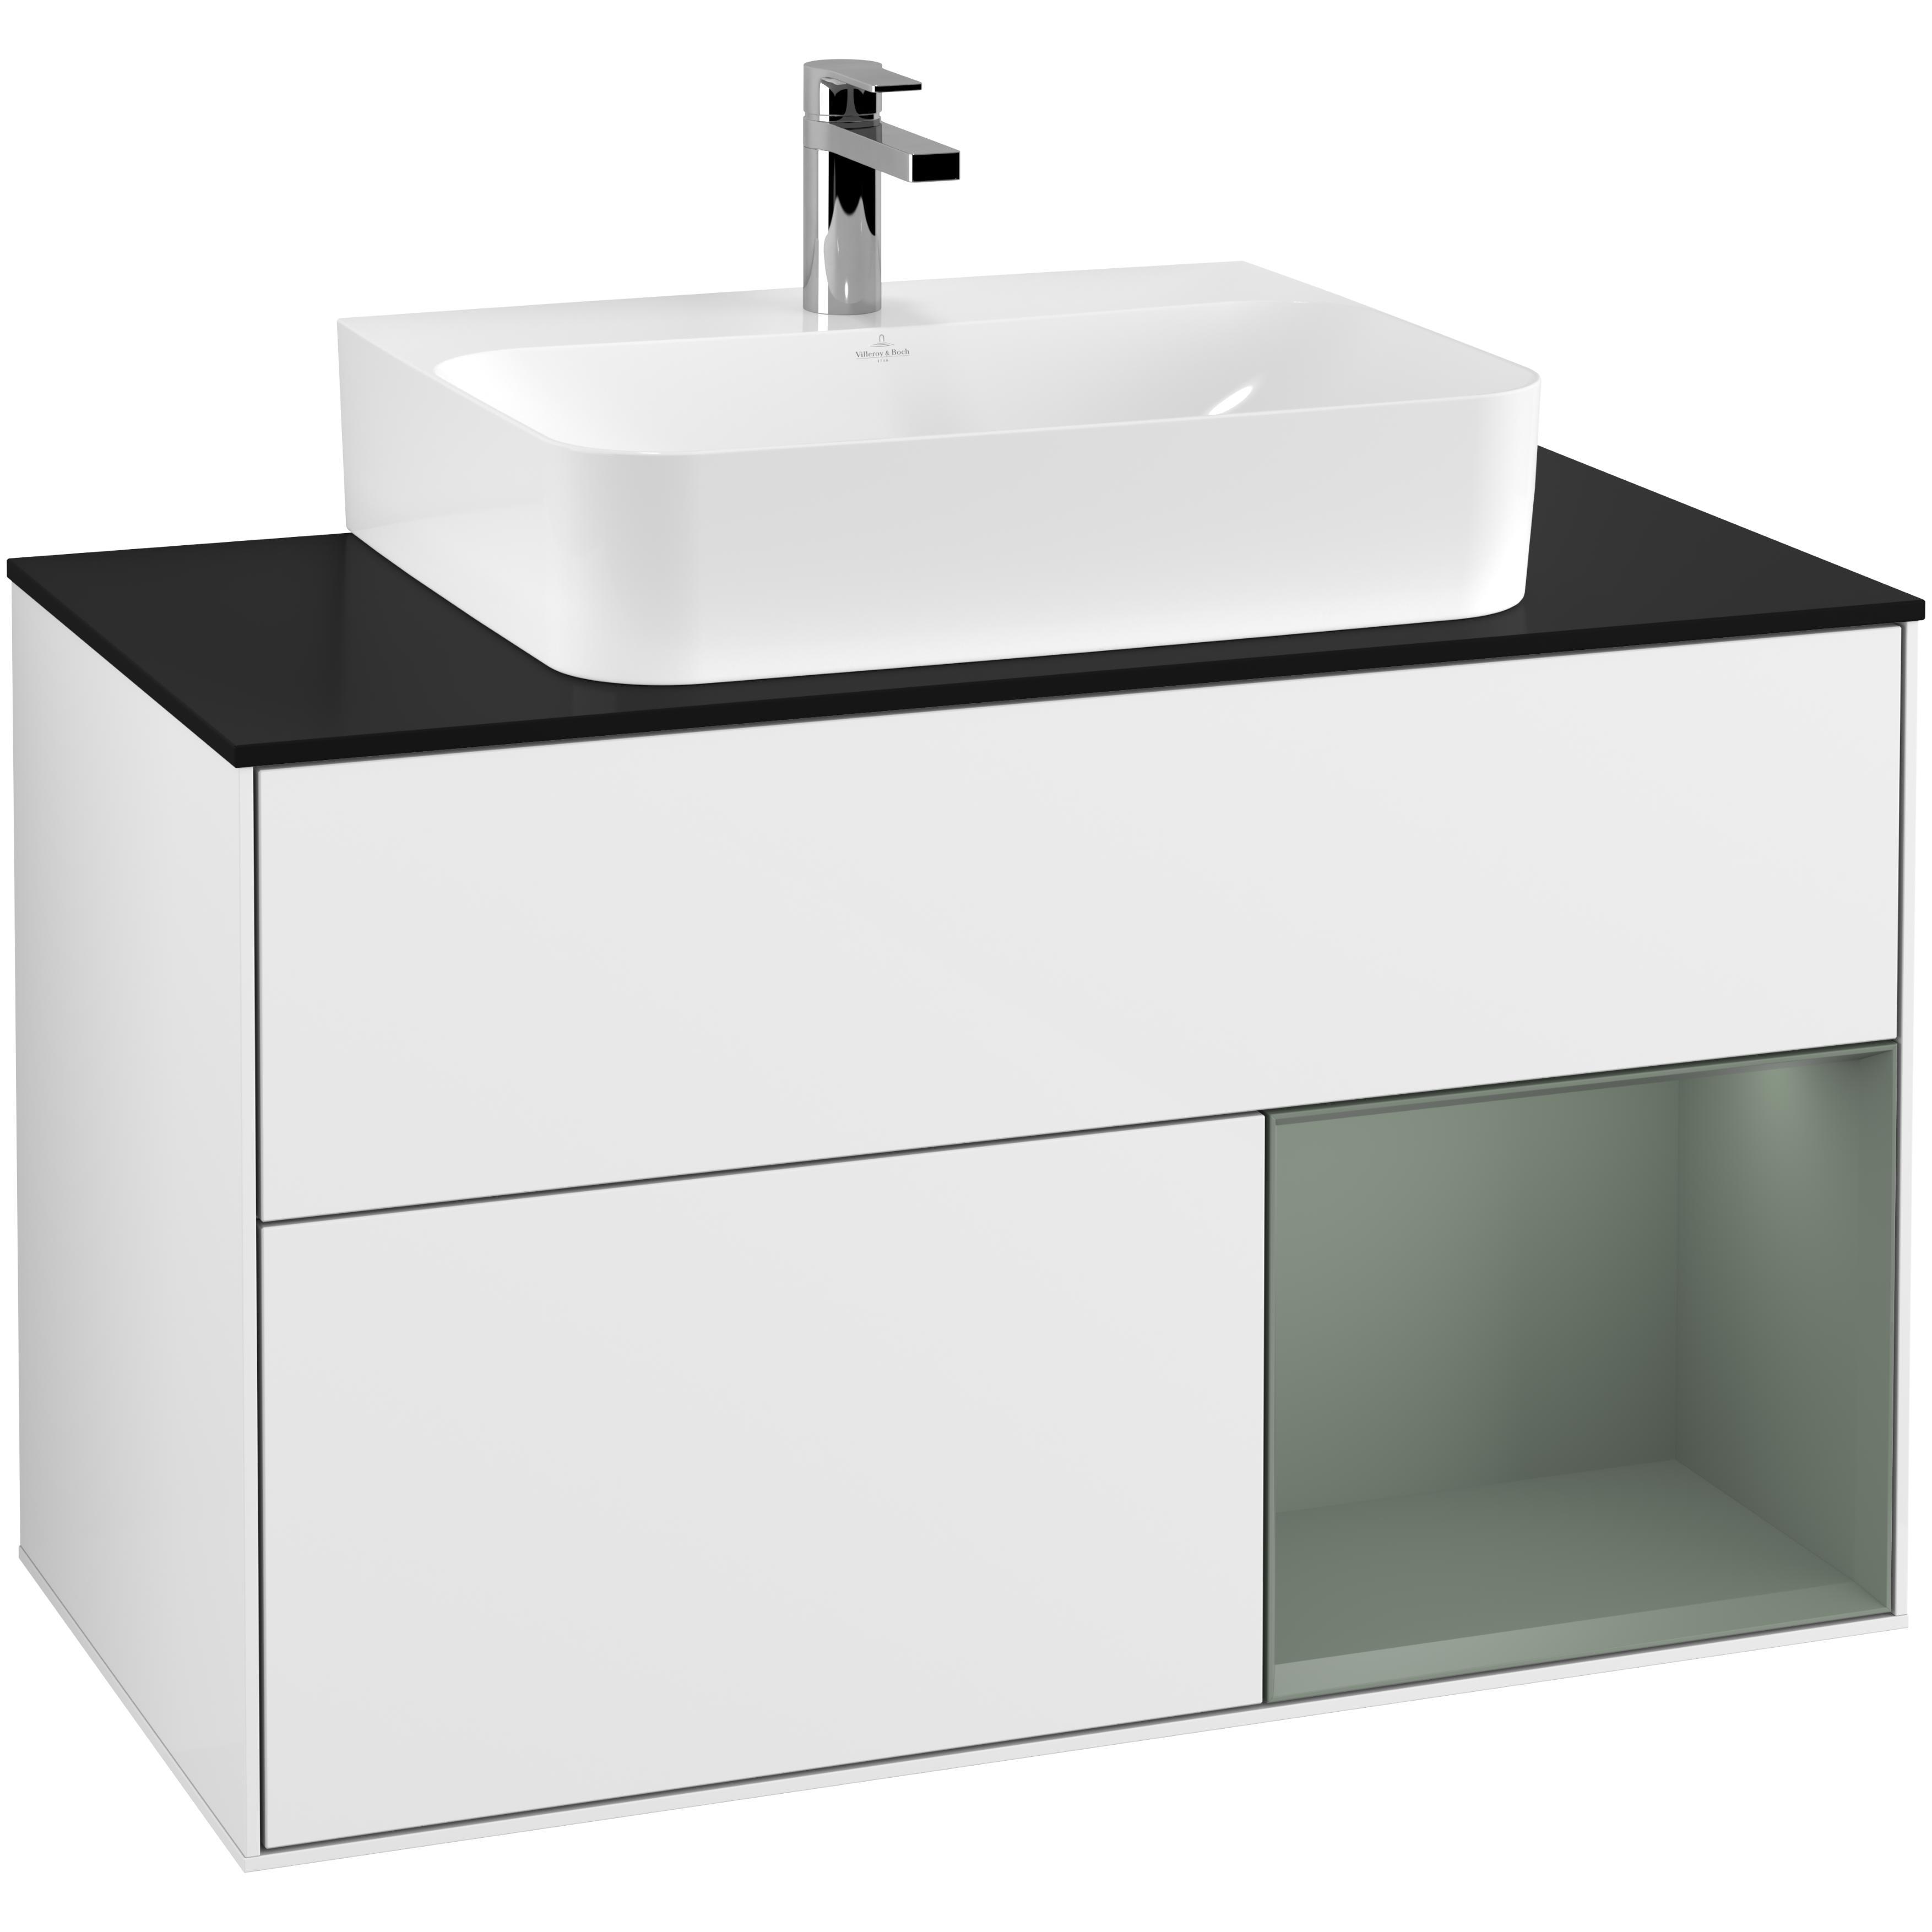 Tvättställsskåp Villeroy & Boch Finion med 2 Lådor Hylla och Bänkskiva för Centrerat Tvättställ